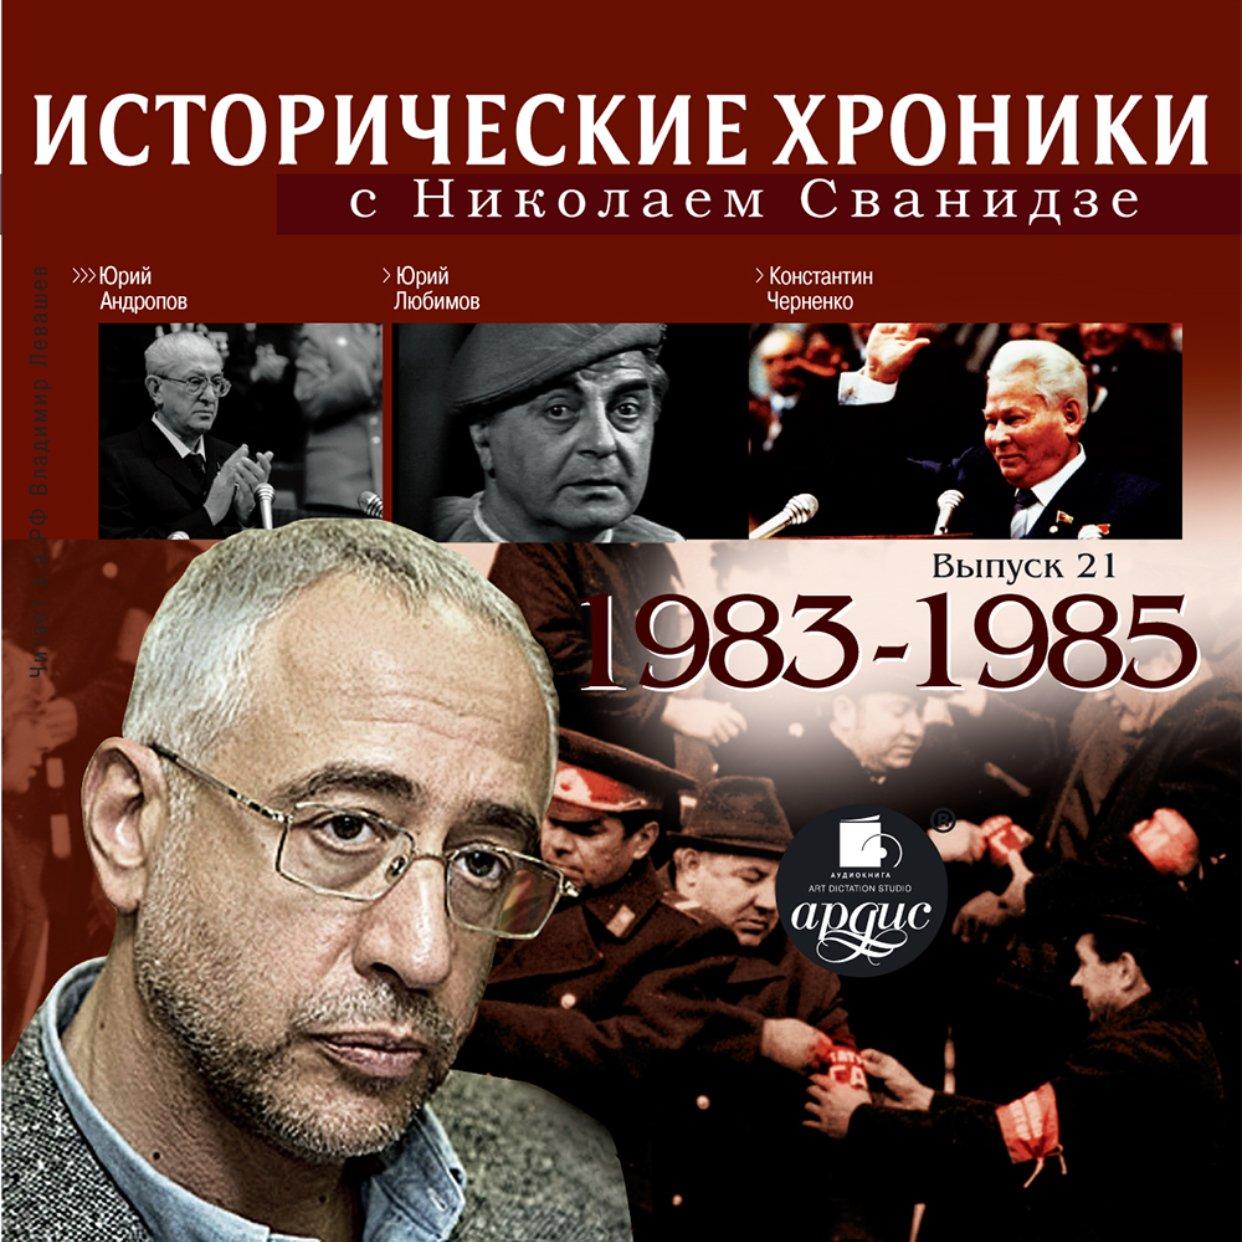 Исторические хроники с Николаем Сванидзе. Выпуск 21. 1983-1985гг.